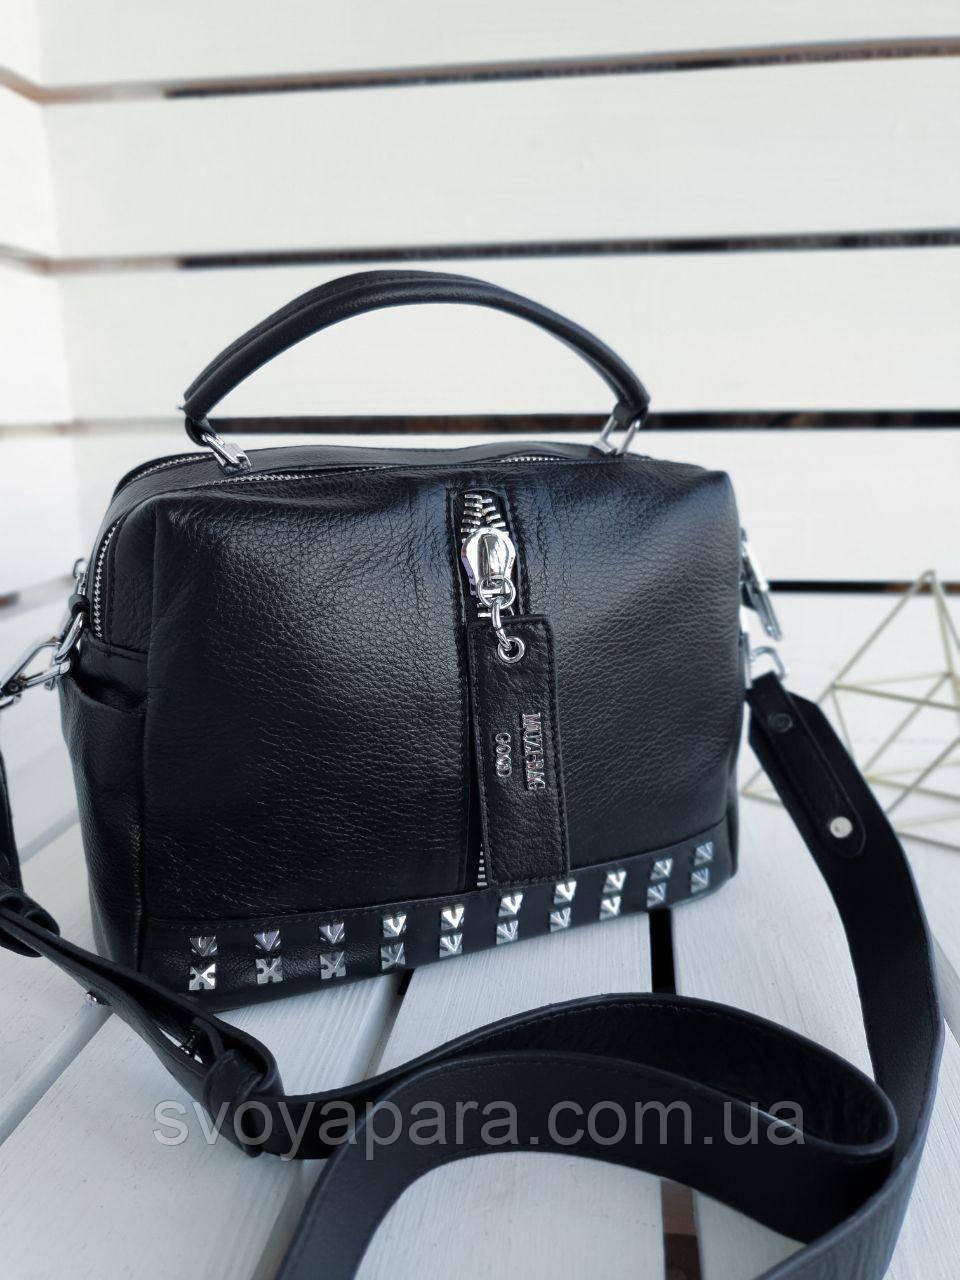 Кожаная женская сумка размером 26х18х12 см Черная (01257)